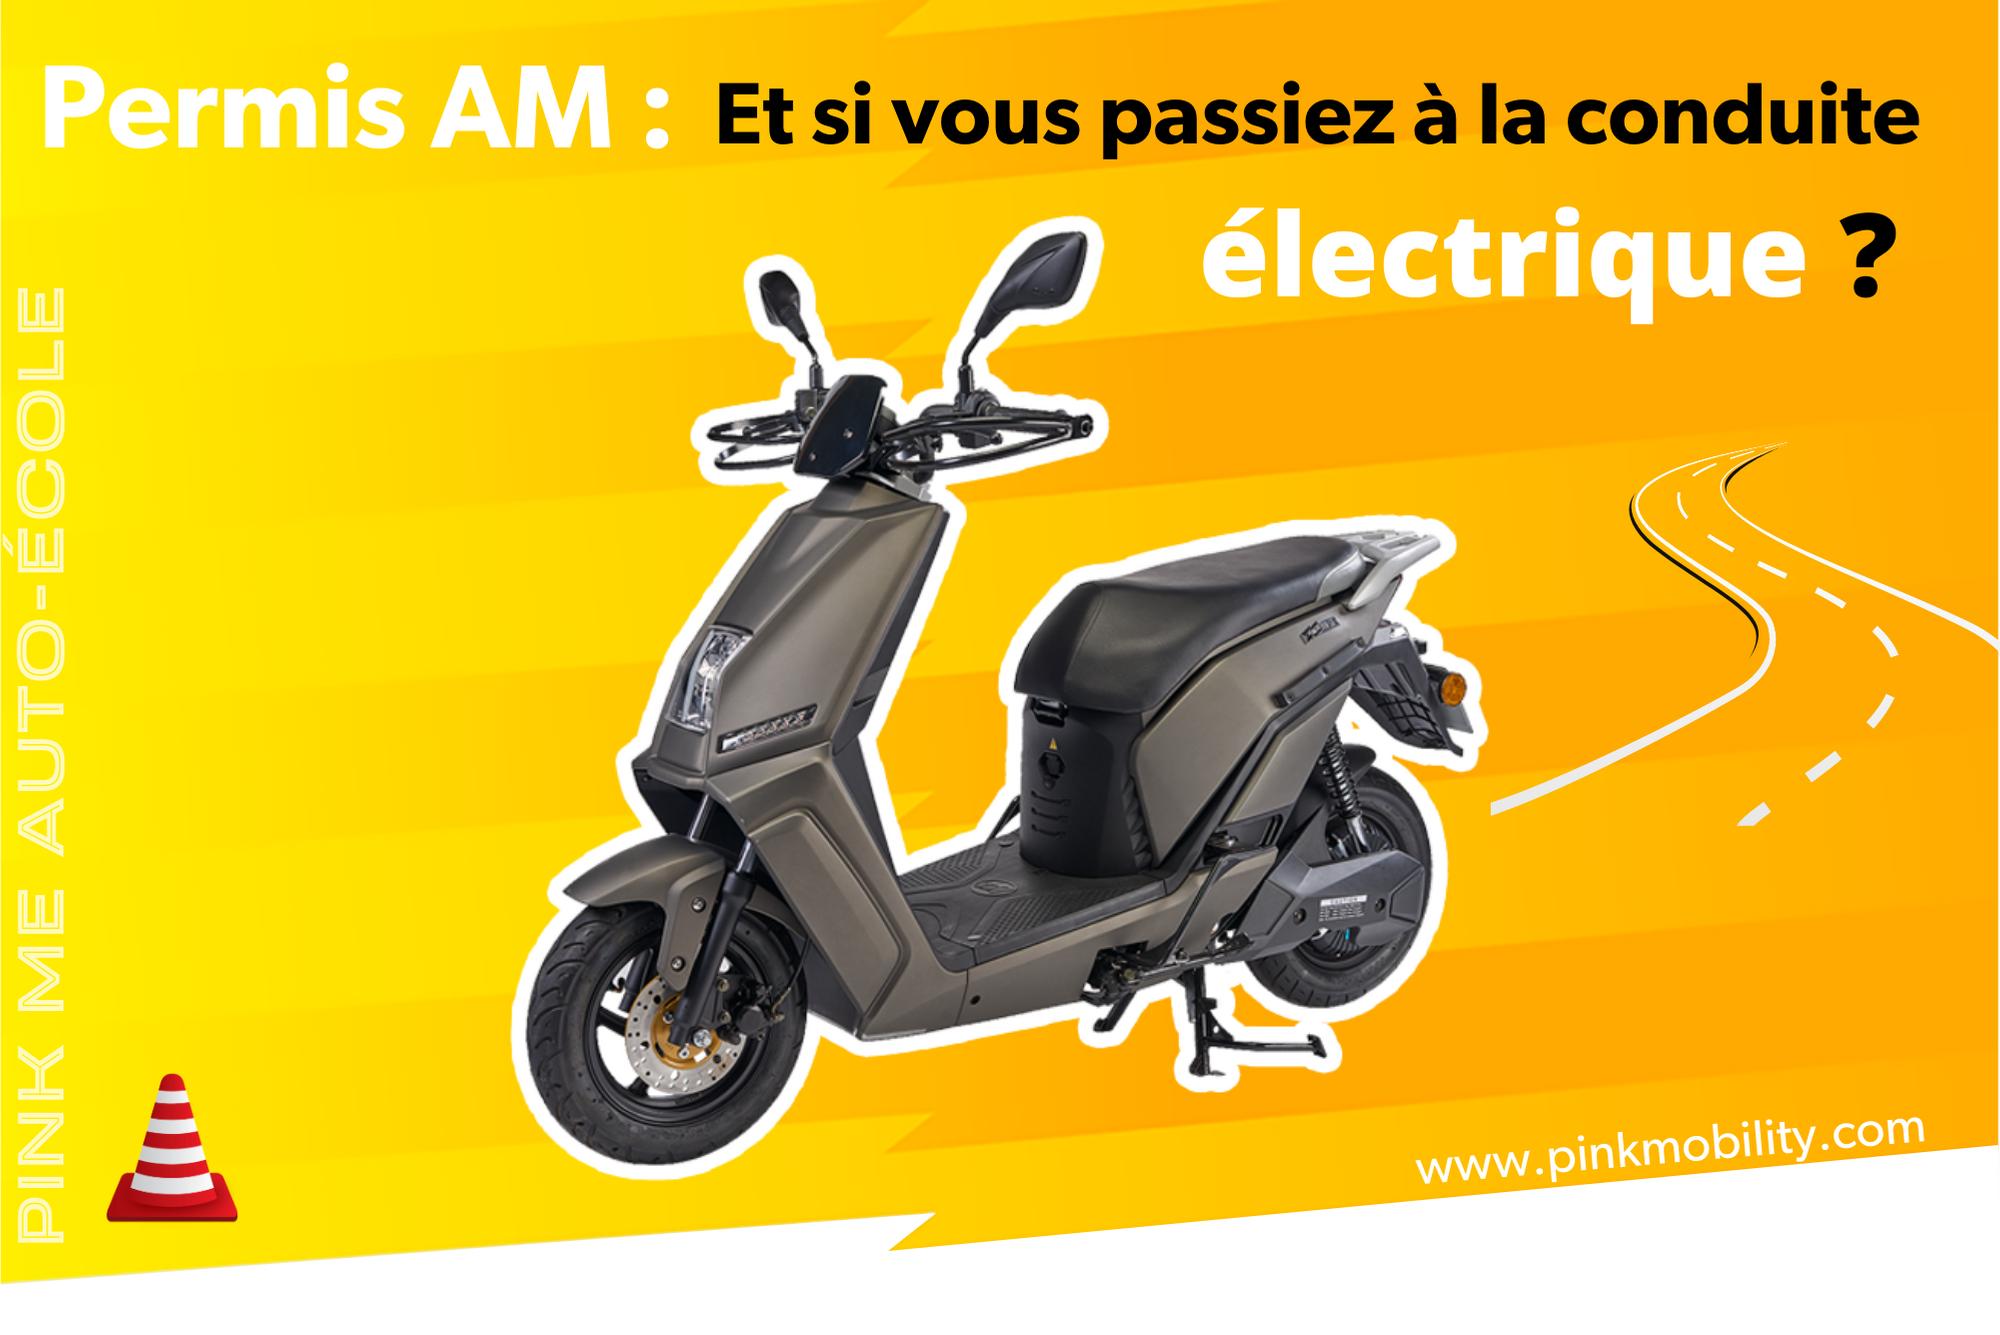 Image à la une – Et si vous passiez à la conduite électrique ?